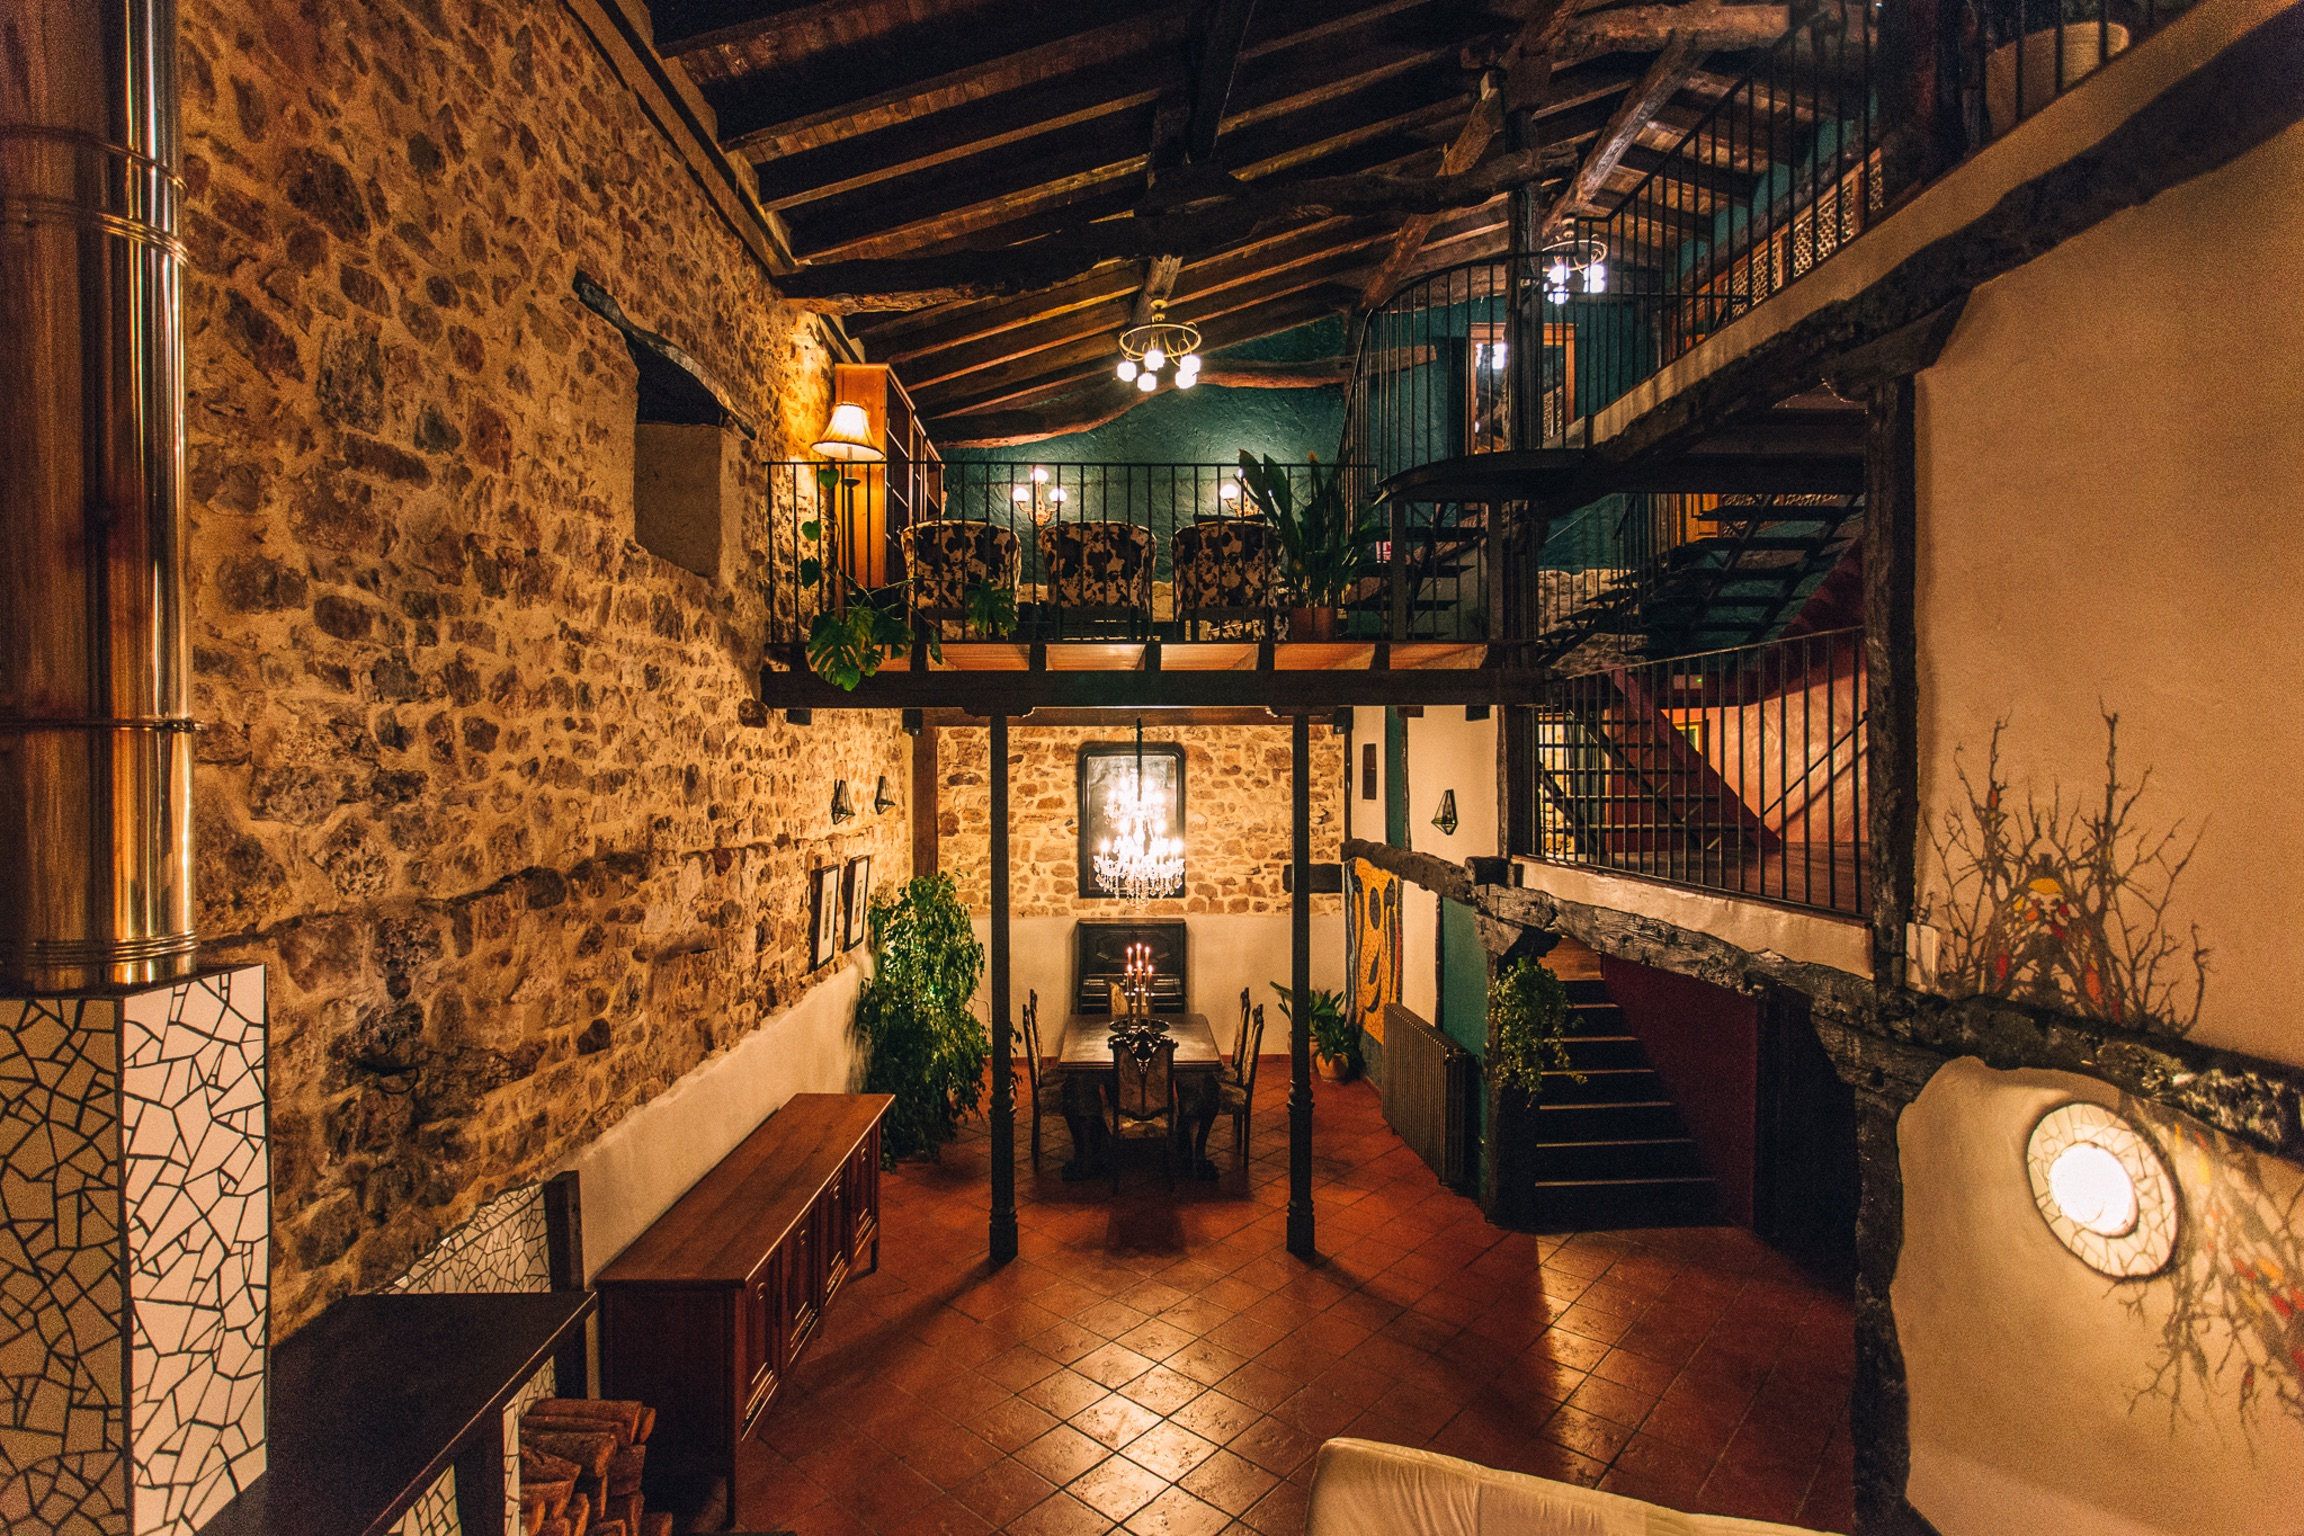 Ferienhaus Haus mit 5 Zimmern in Fuenteodra mit toller Aussicht auf die Berge, eingezäuntem Garten un (2211142), Fuenteodra, Burgos, Kastilien-León, Spanien, Bild 43